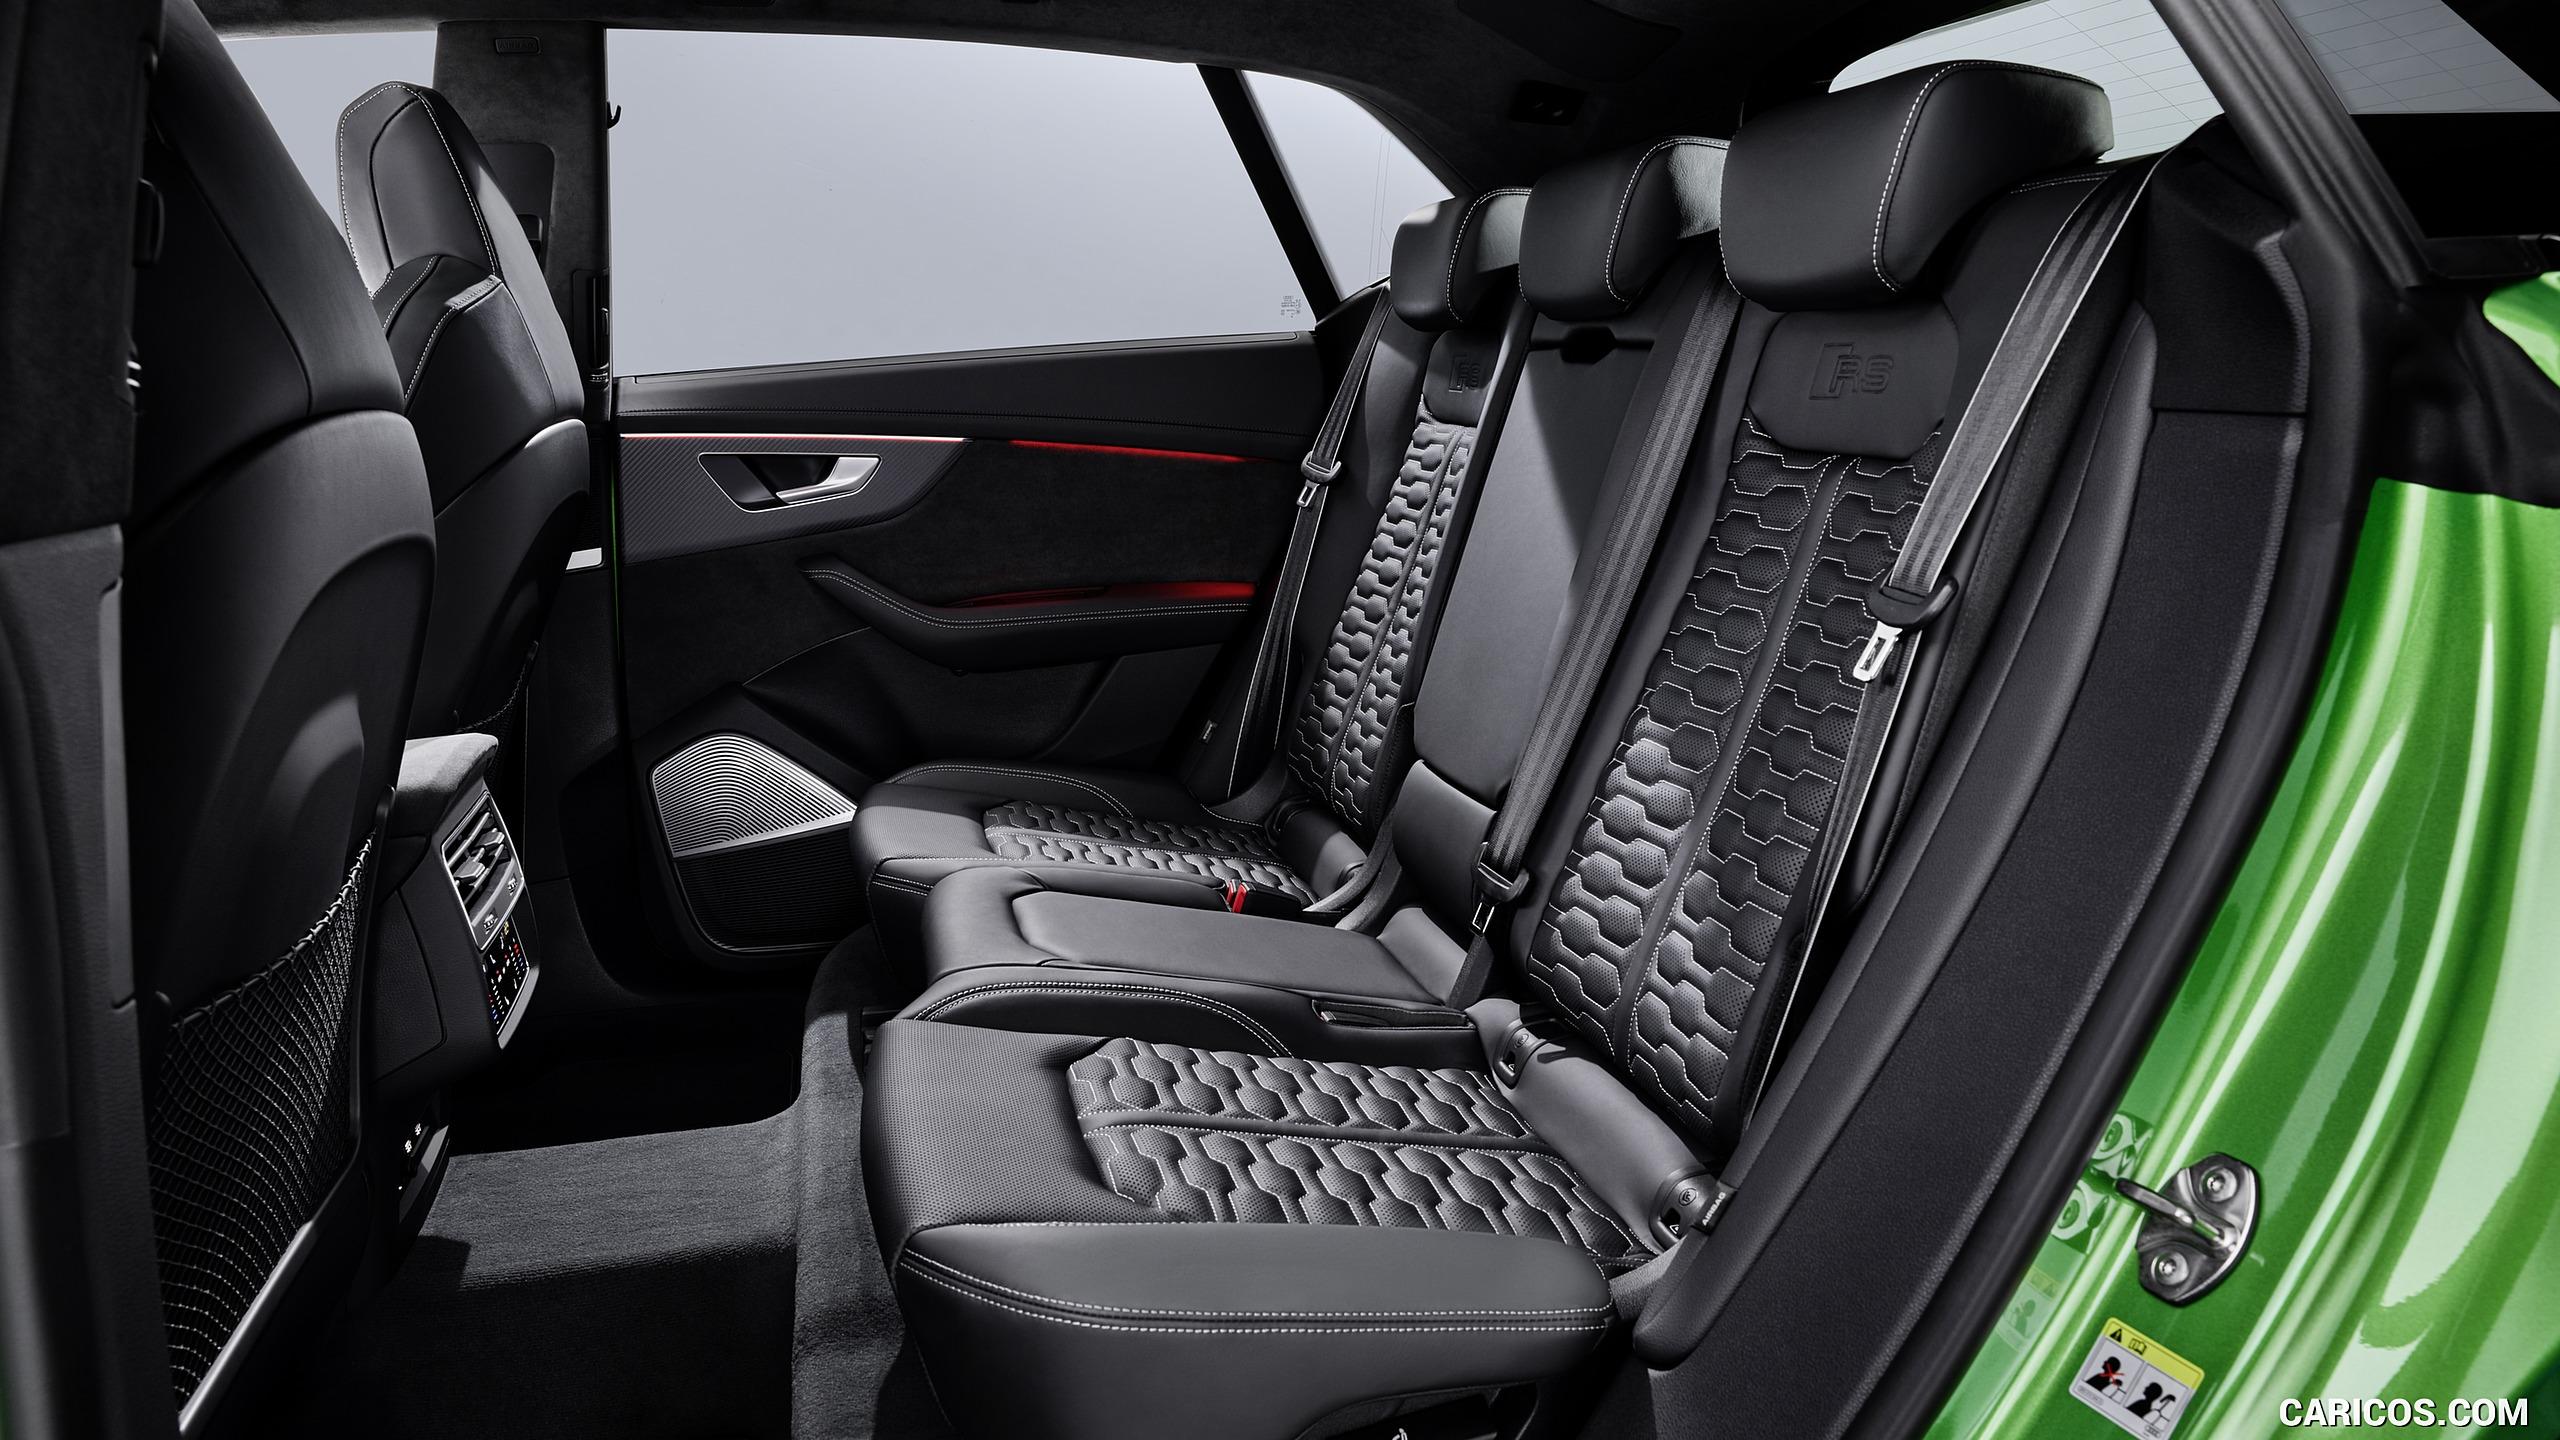 2020 Audi RS Q8   Interior Rear Seats HD Wallpaper 18 2560x1440